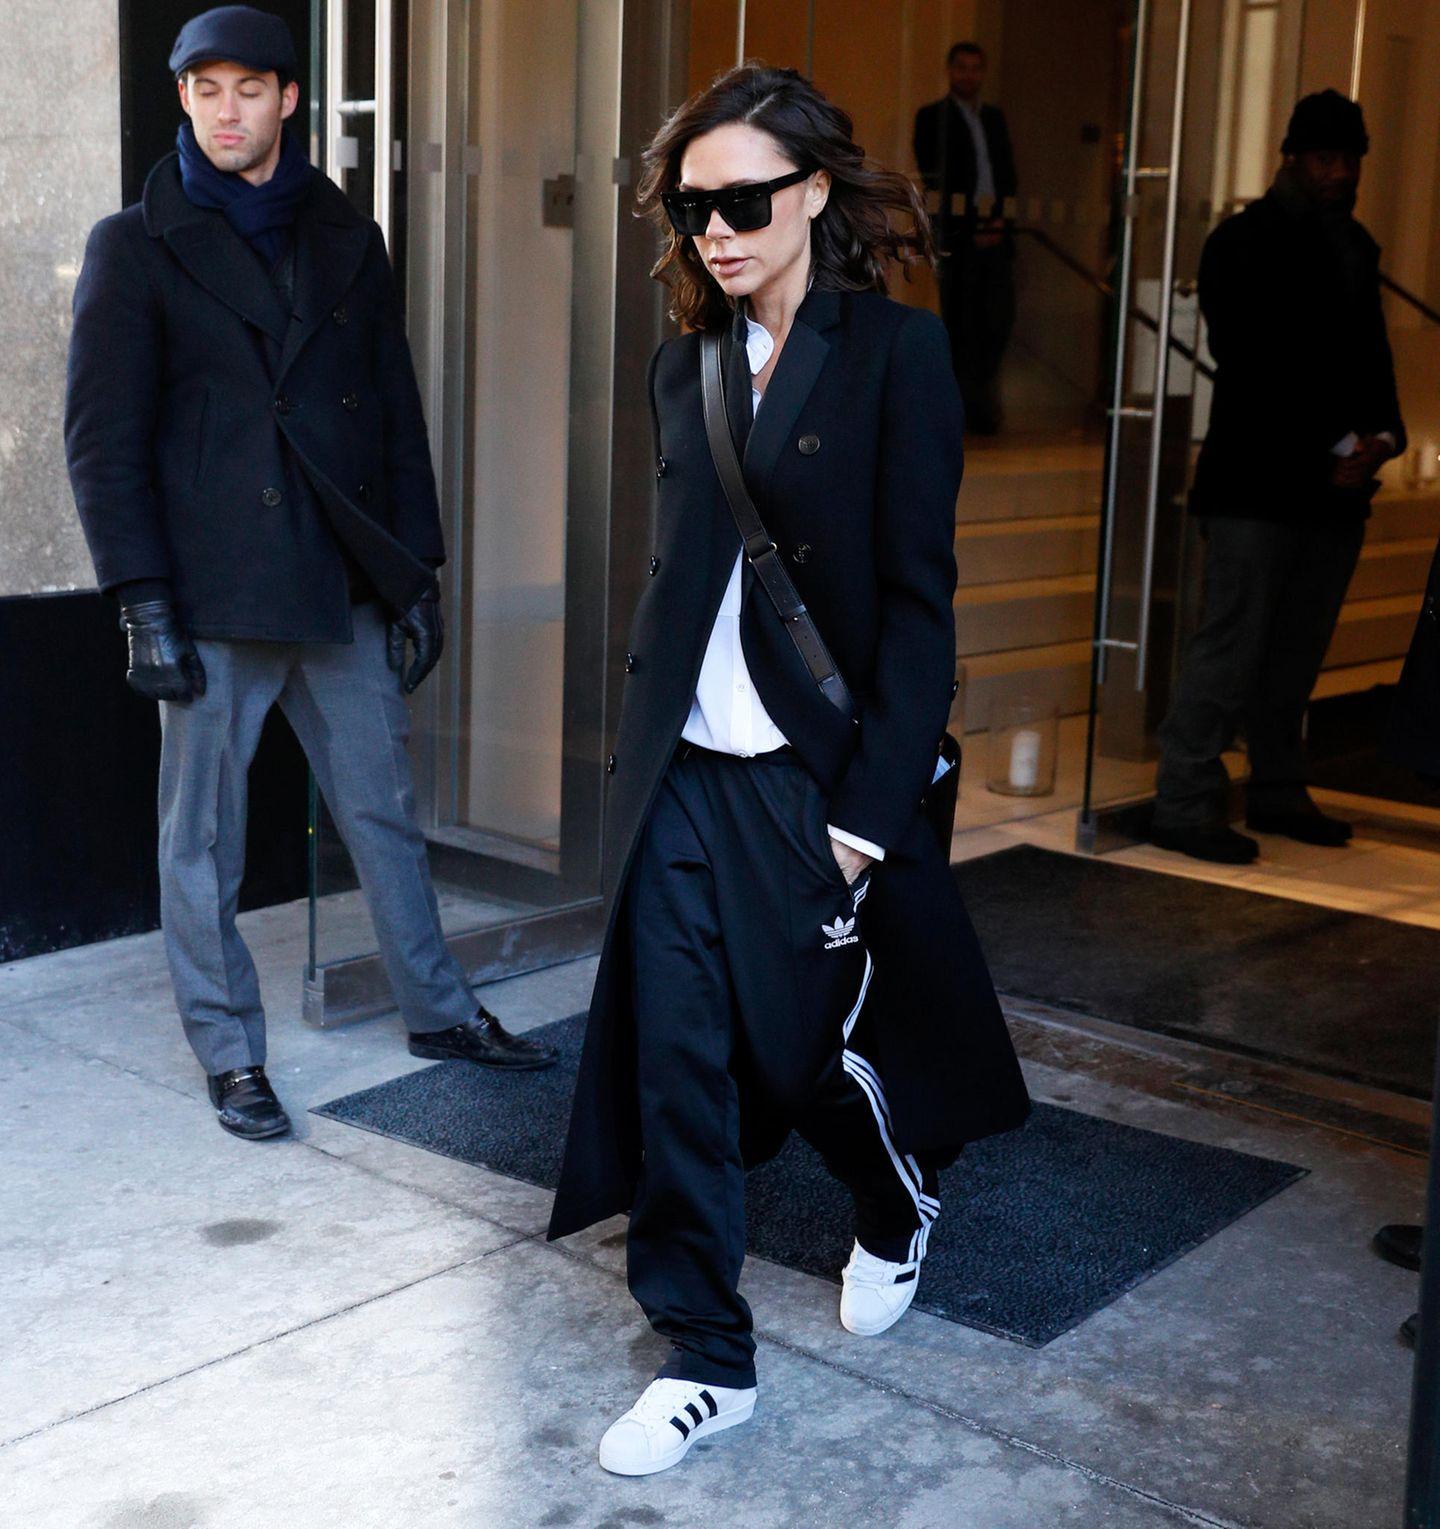 Ob es auch Tage gibt, an denen Victoria Beckham schlecht gekleidet ist? Hier mixt sie Adidas-Sportswear zum klassischen Mantel